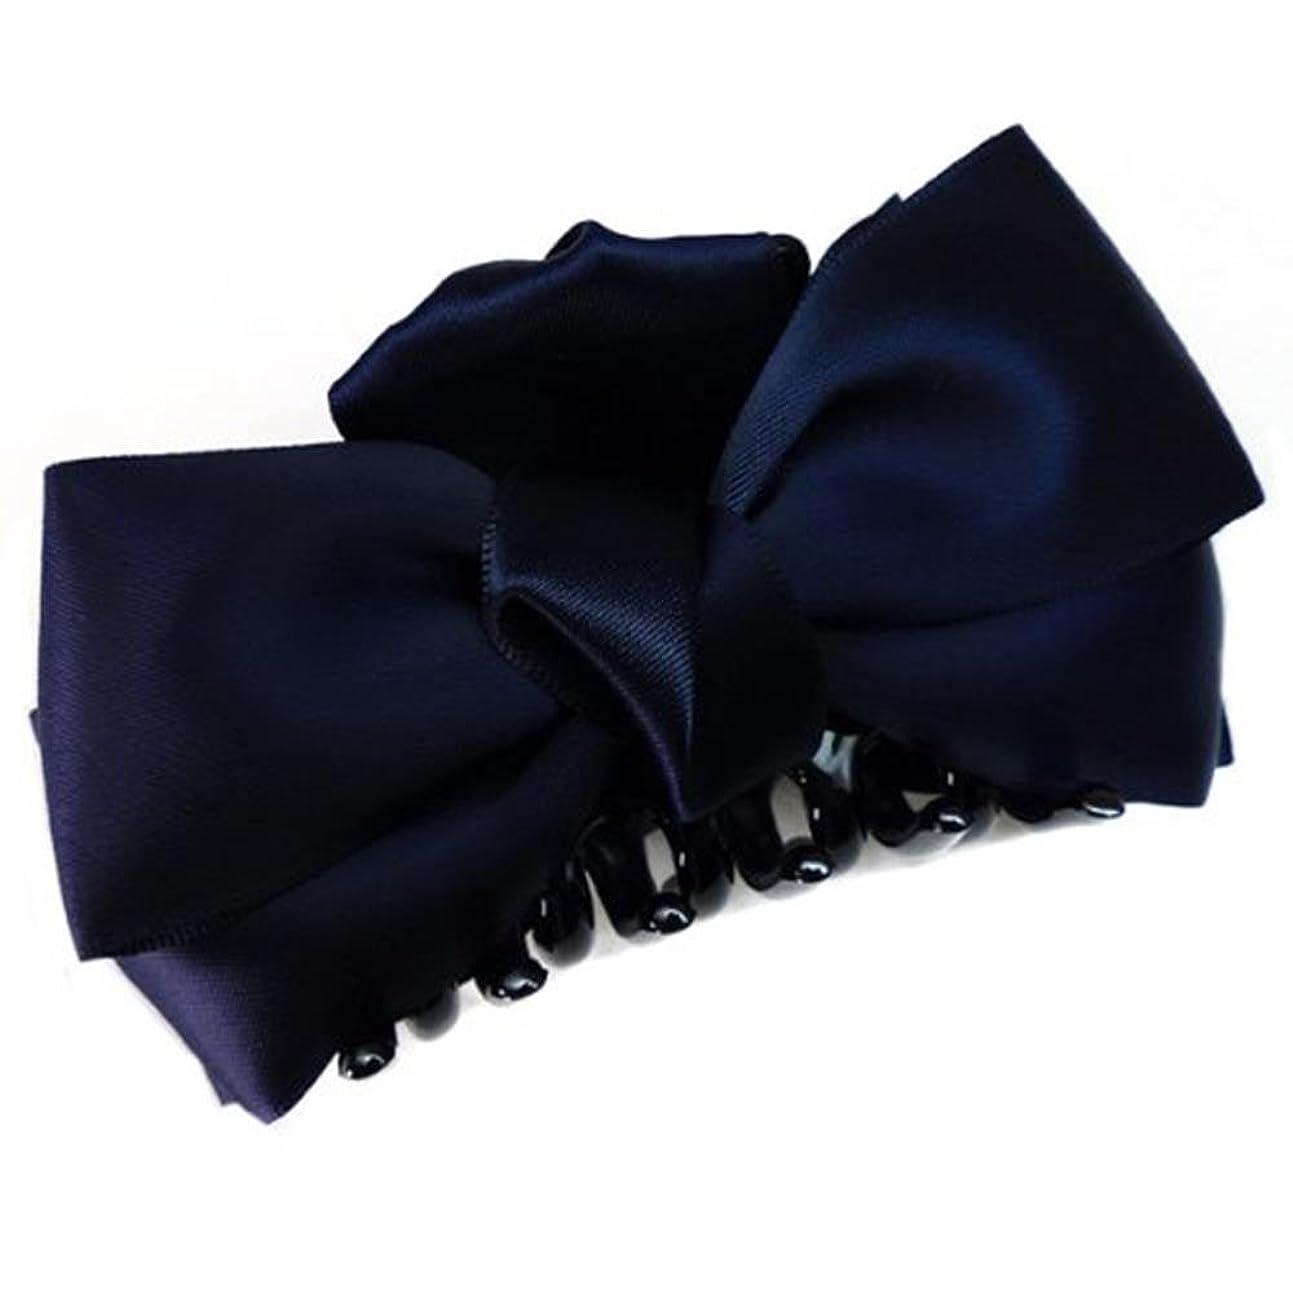 日の出一般的な飛躍リボンクリップ ヘアアクセサリー ヘアクリップ バレッタ リボン 全45種類 2秒で大変身 挟むだけで超簡単に可愛くなれるヘアア 口